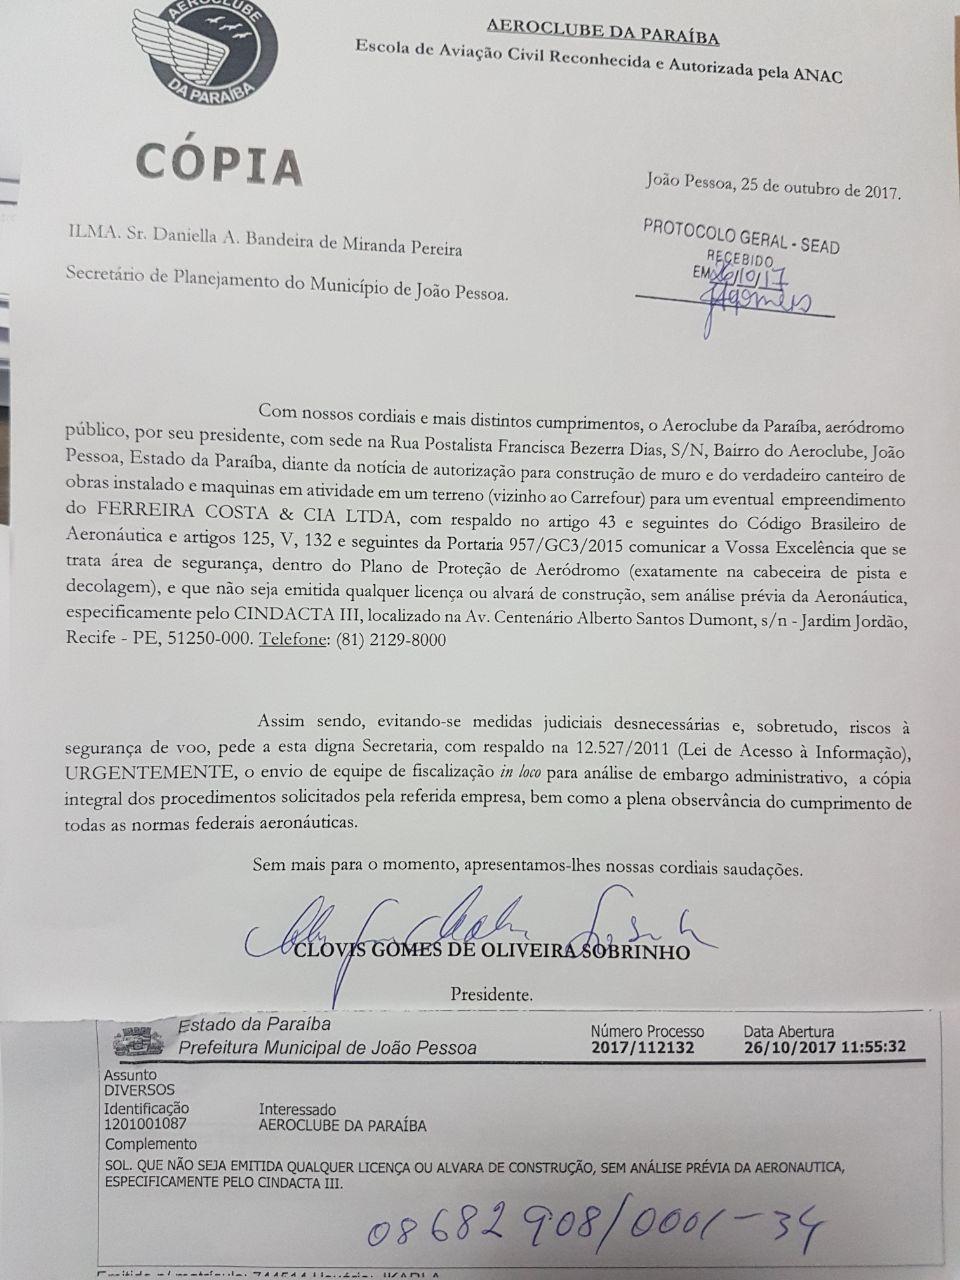 6e3f9e69 ab27 4880 93c3 004324c37d7b - Prefeitura da Capital embarga construção ilegal na estrada de Cabedelo